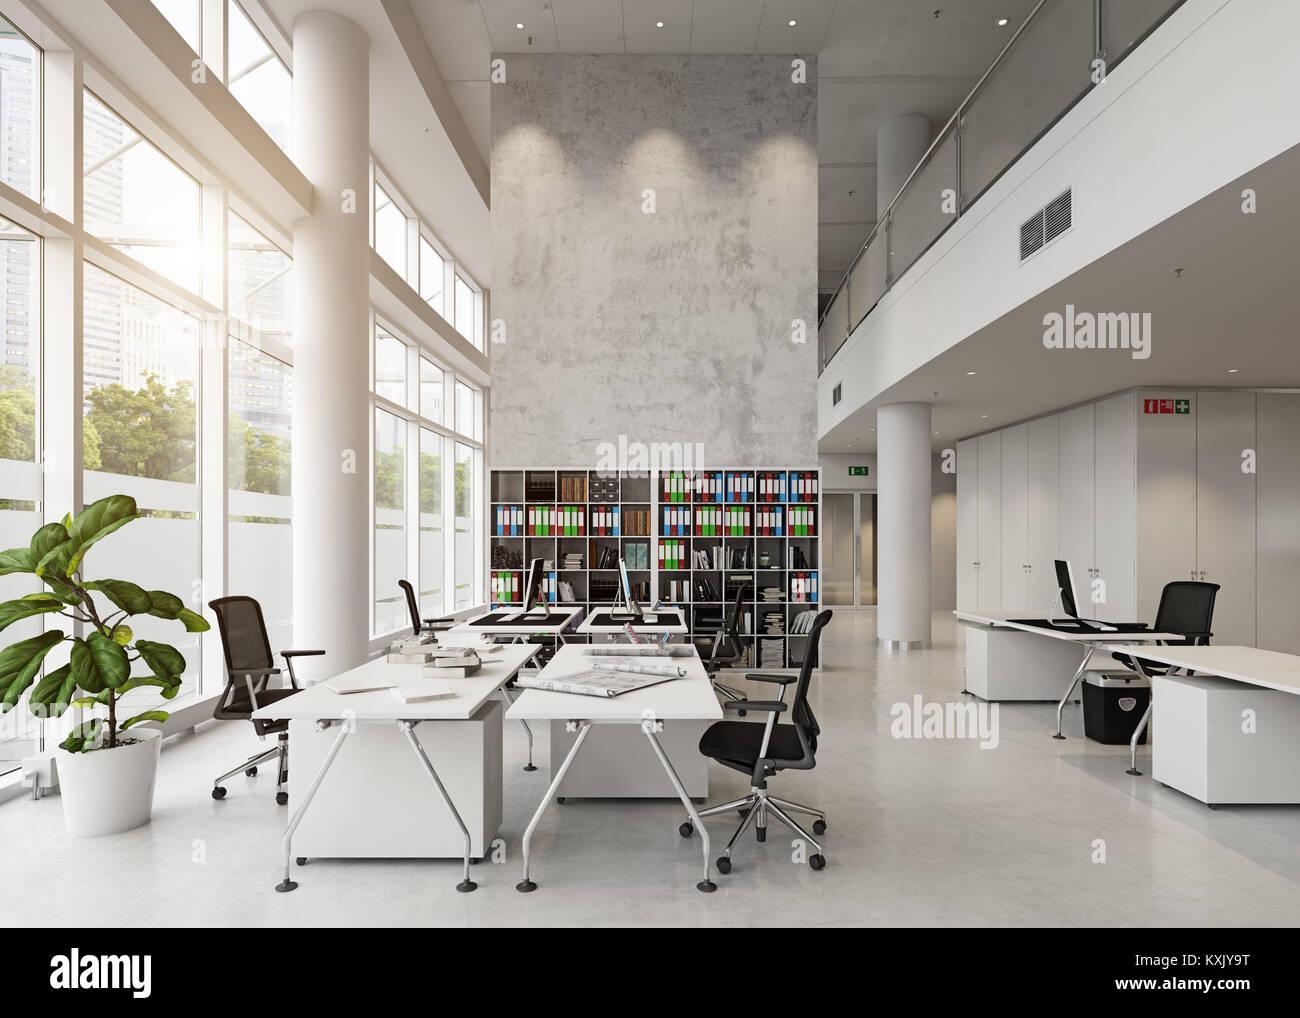 Moderno edificio de oficinas interiores. Concepto de representación 3D Imagen De Stock